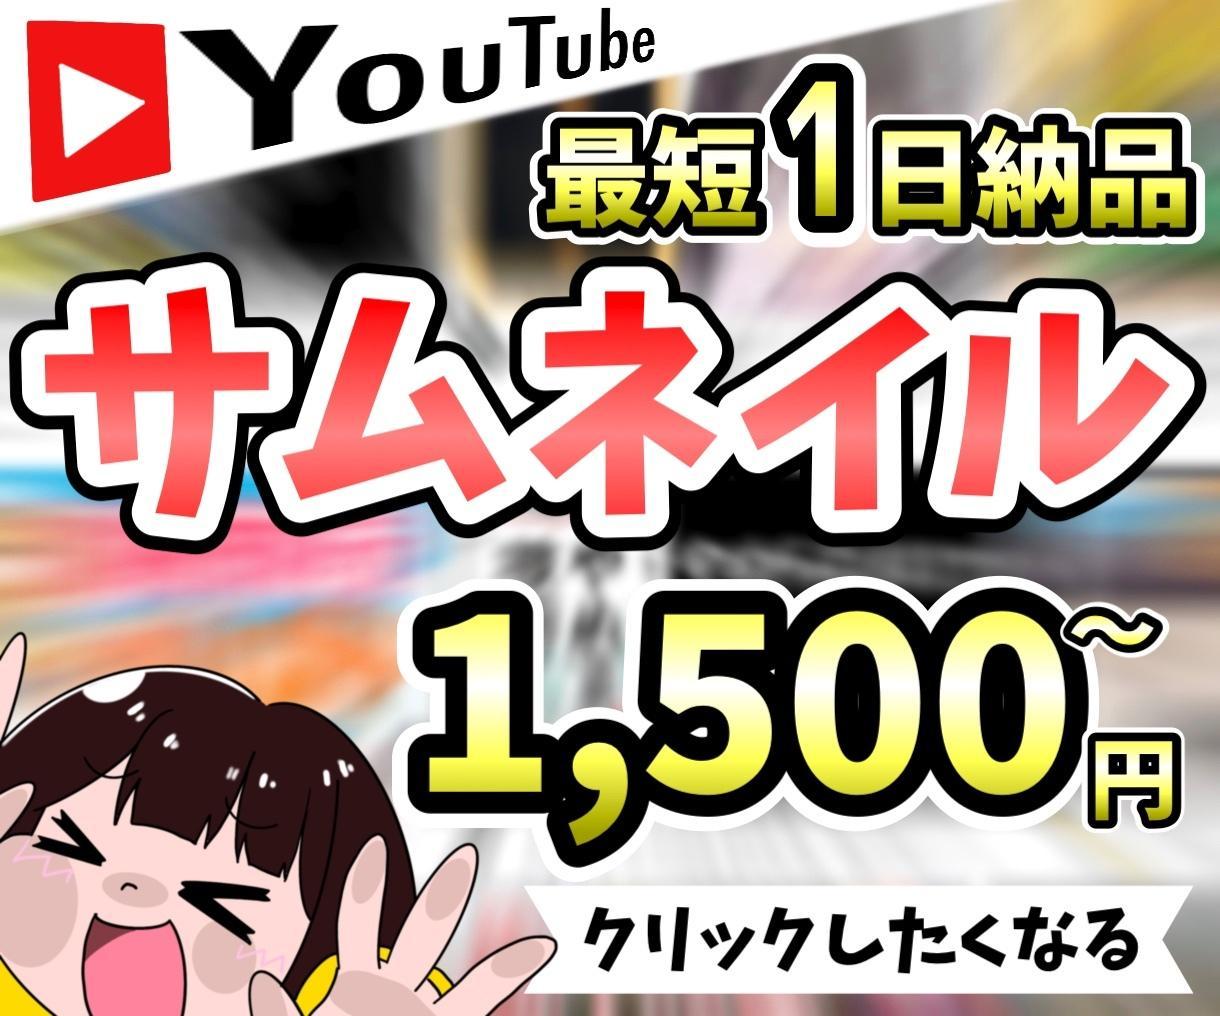 1500円〜YouTube用サムネイル作成します あ、コレ見たいな!をカタチに。サムネイルをあなたにお届け! イメージ1